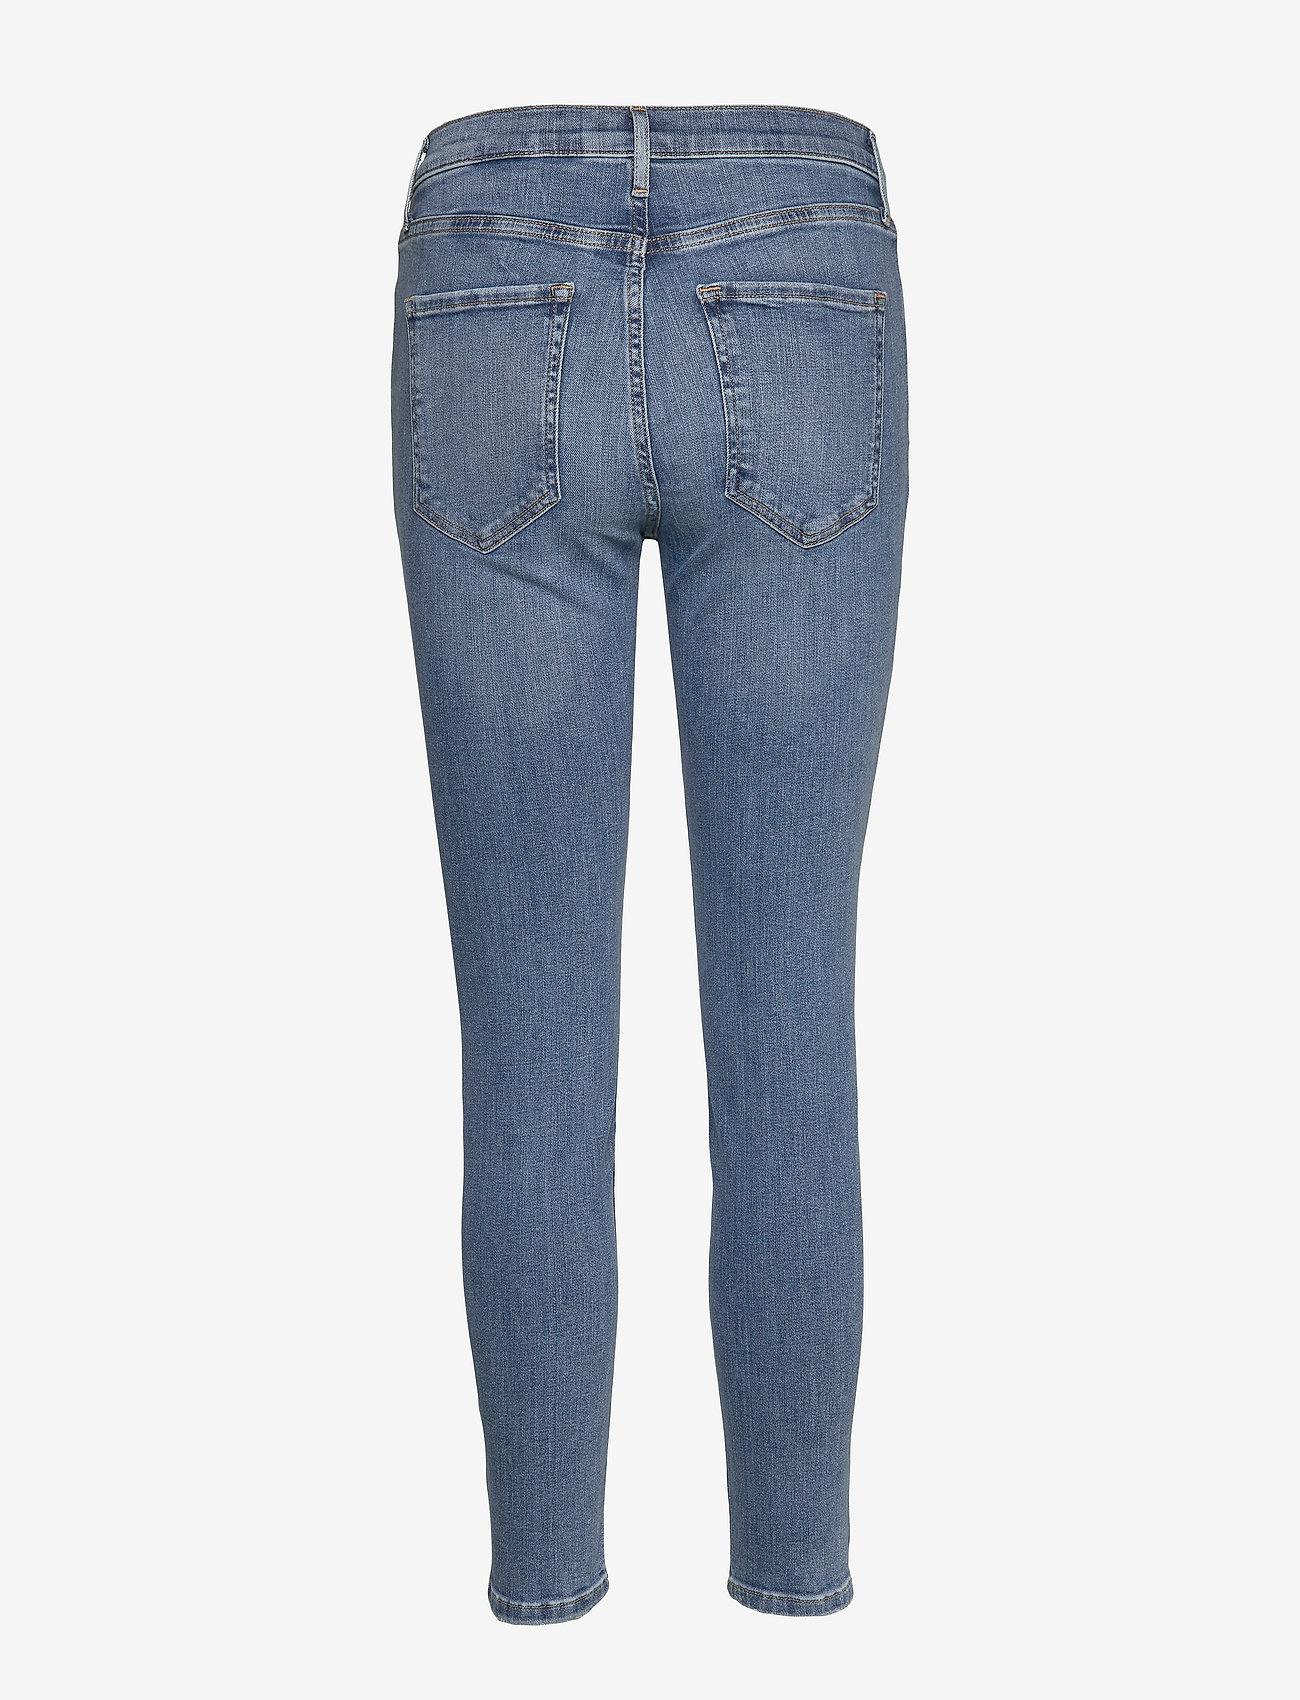 Banana Republic Mid-Rise Skinny Ankle Jean - Dżinsy LIGHT WASH - Kobiety Odzież.